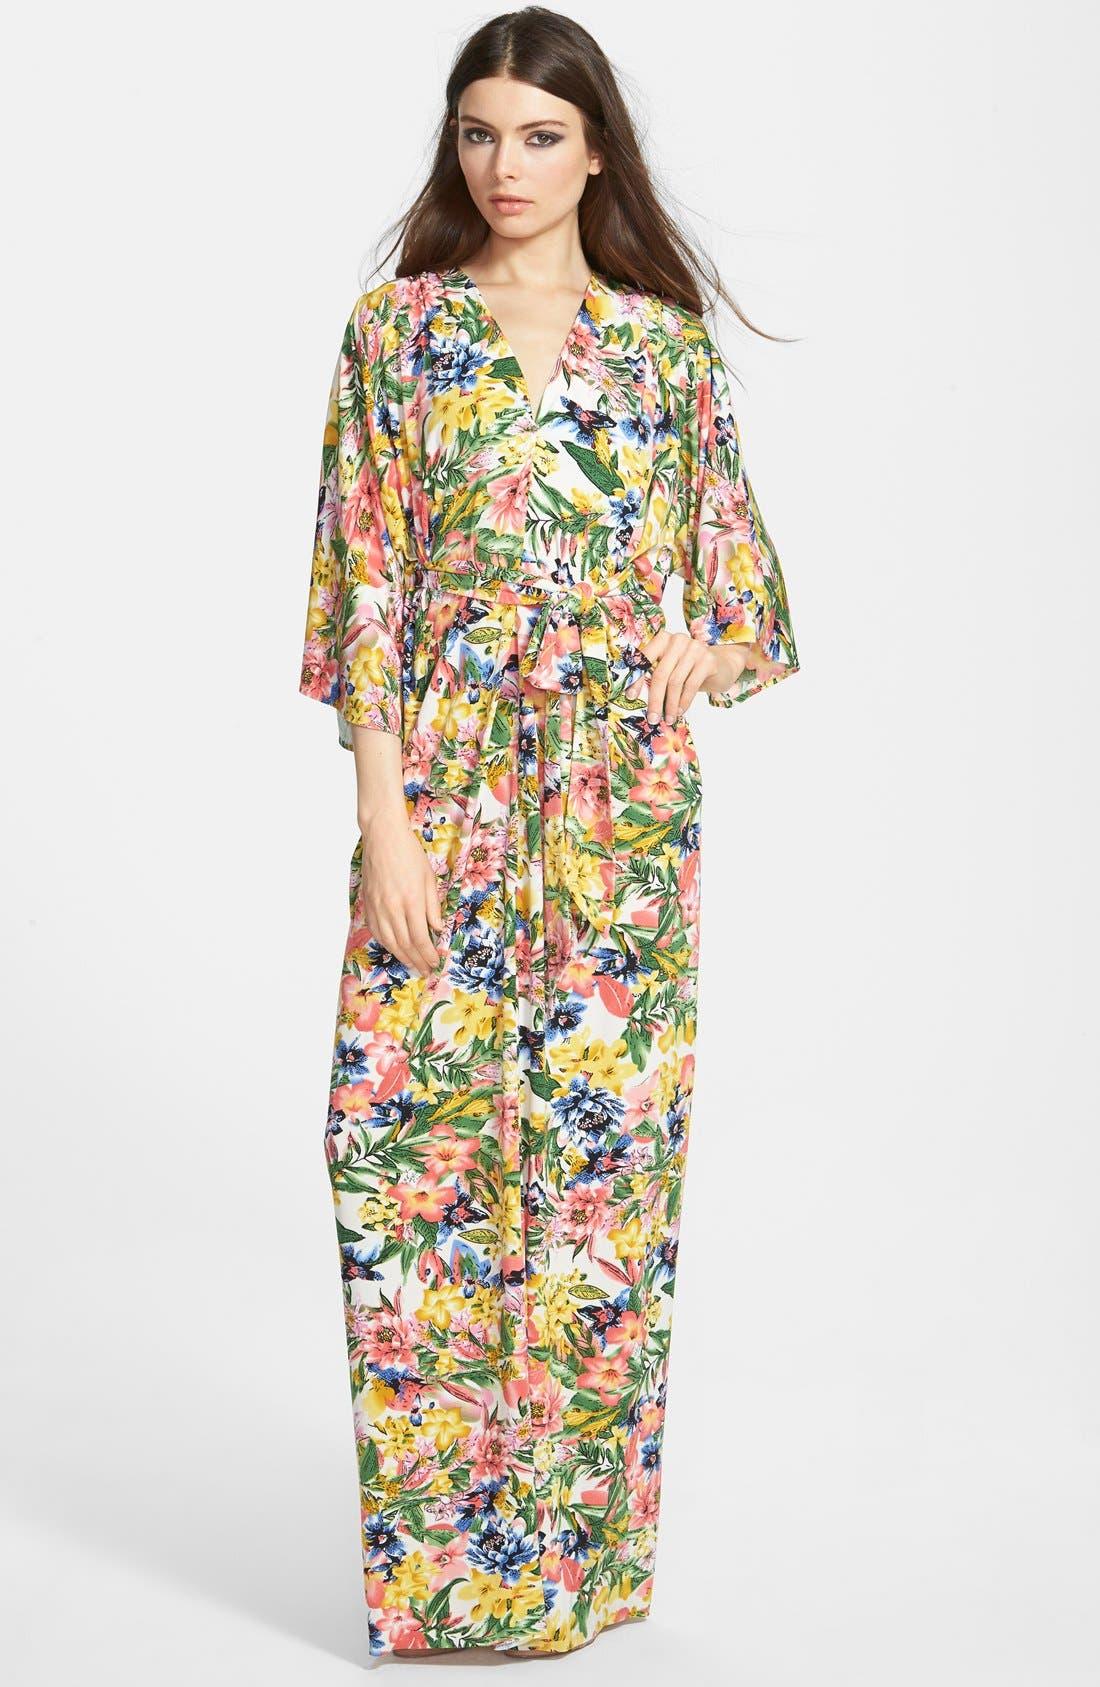 Alternate Image 1 Selected - Filtre Print Kimono Maxi Dress